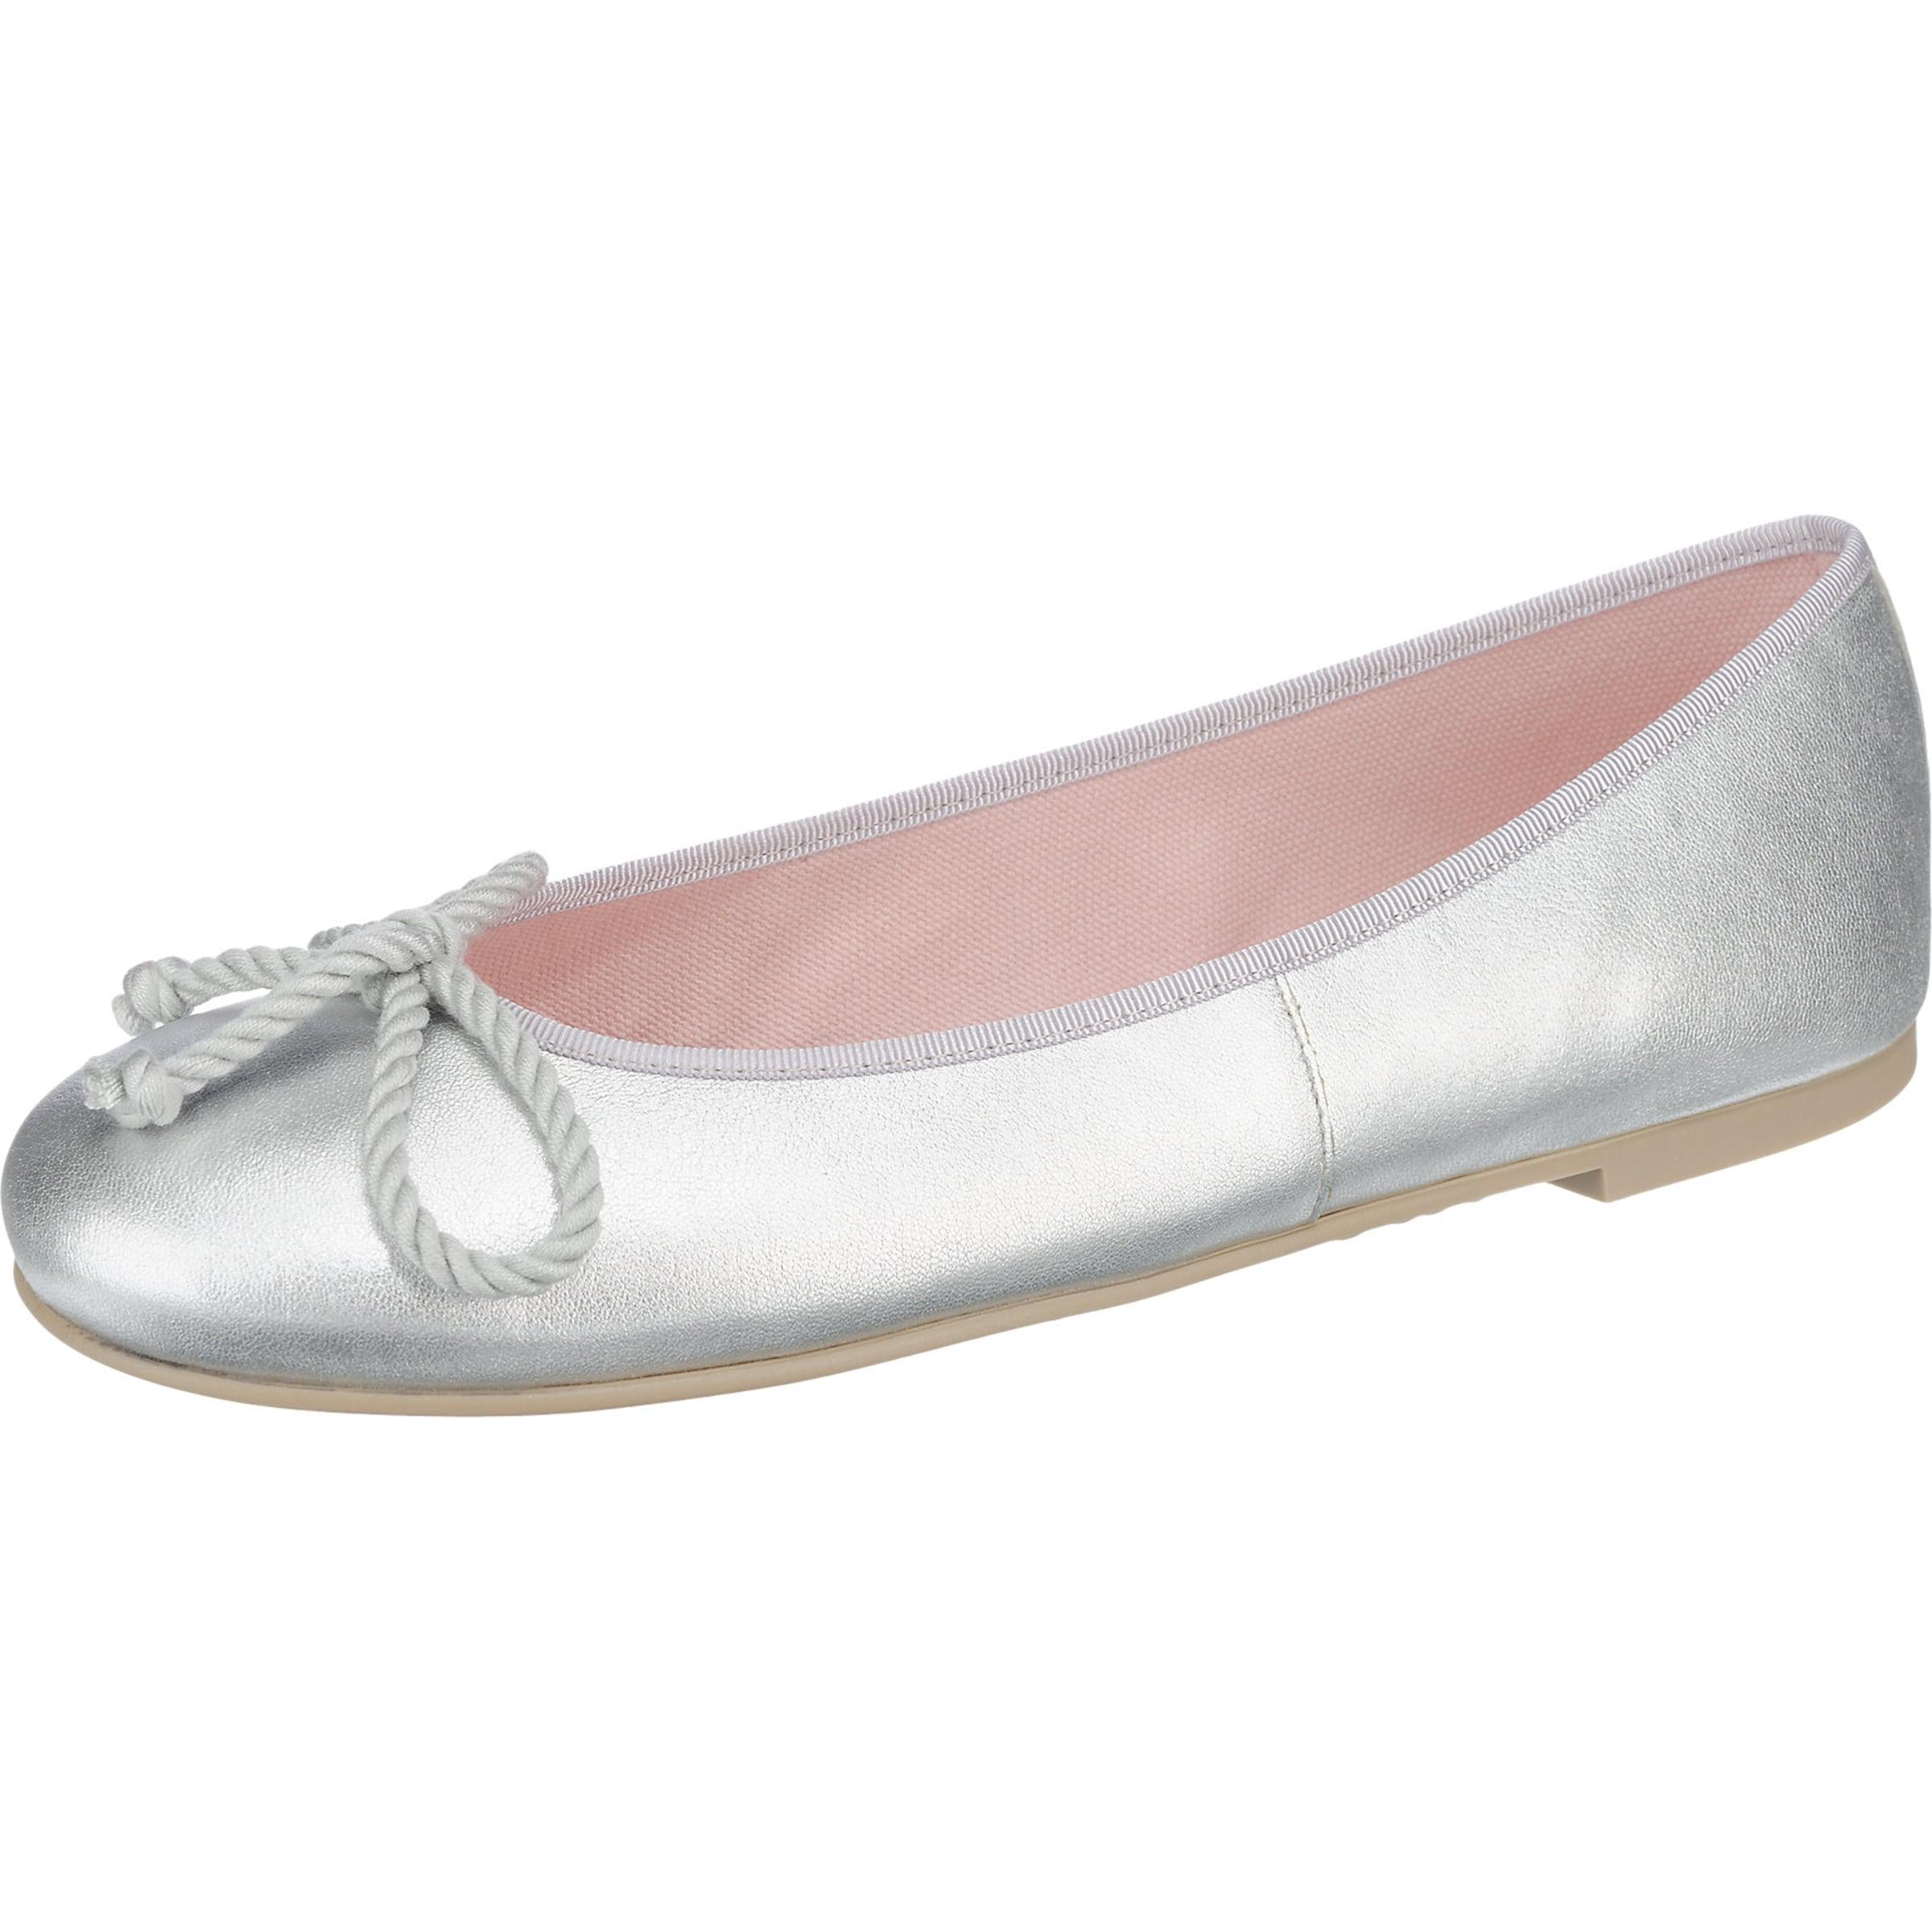 PRETTY BALLERINAS Ballerinas Ipnotic Verschleißfeste billige Schuhe